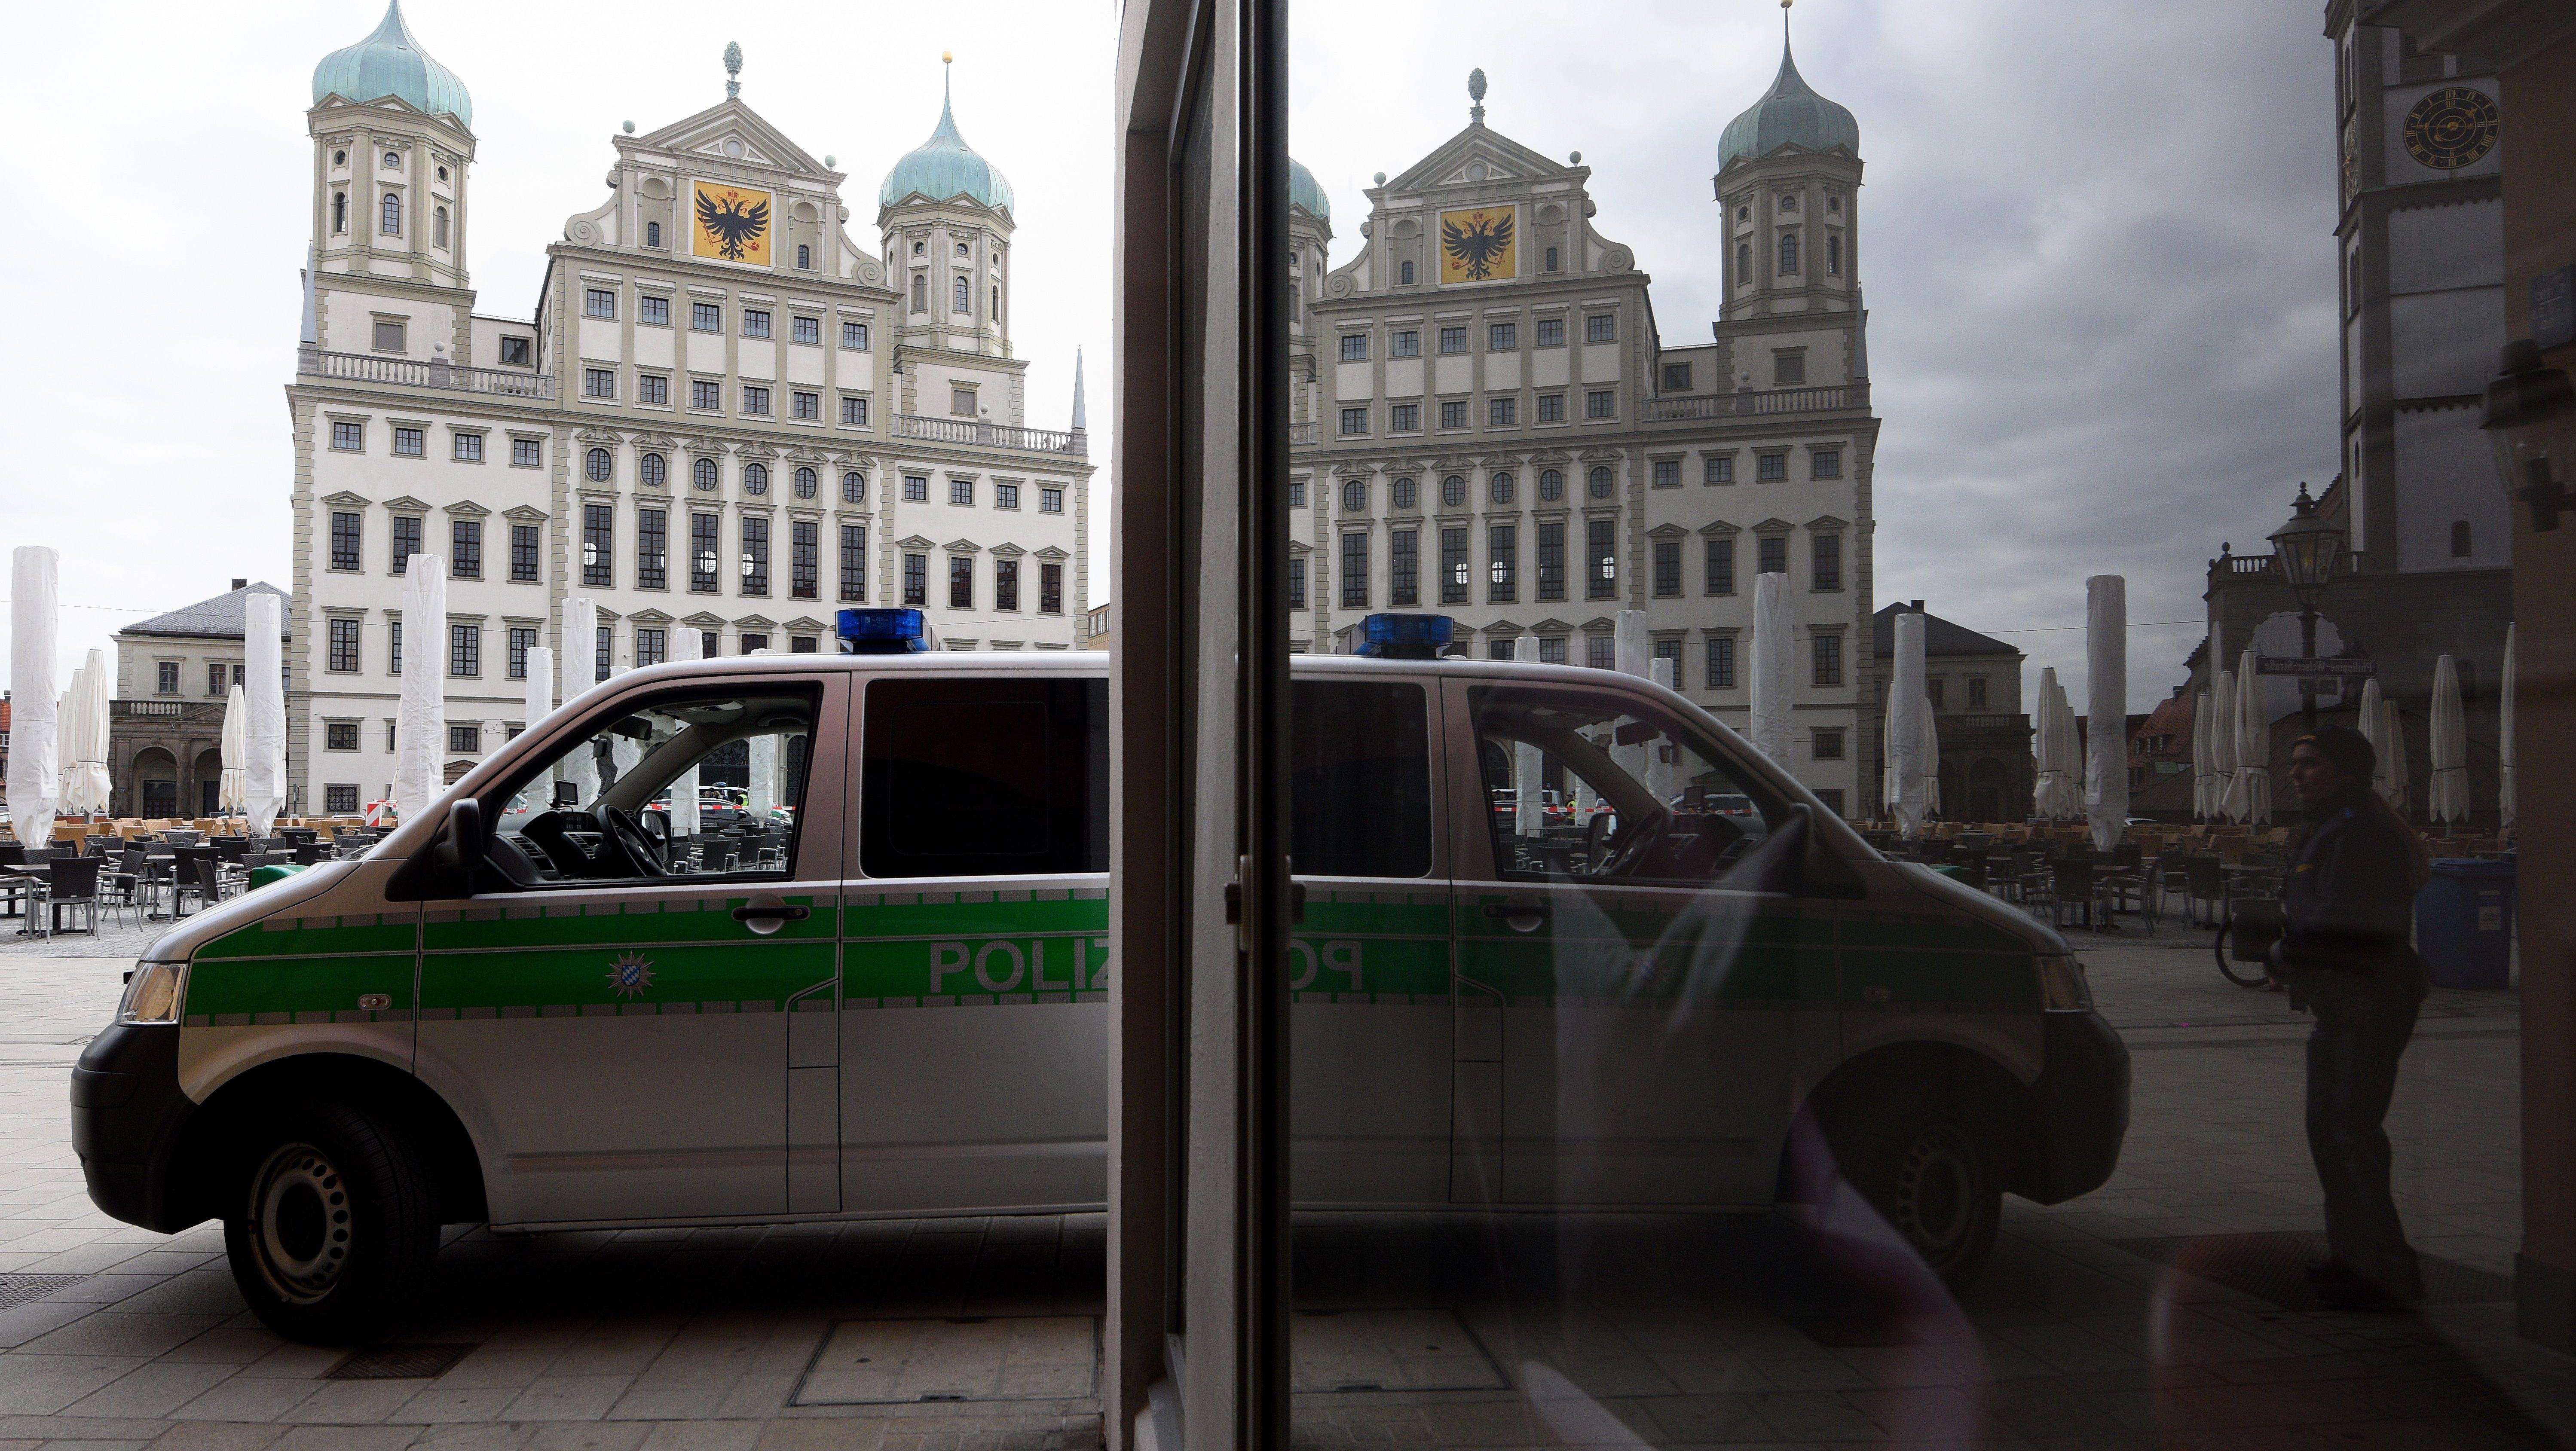 Polizeiauto vor dem Augsburger Rathaus